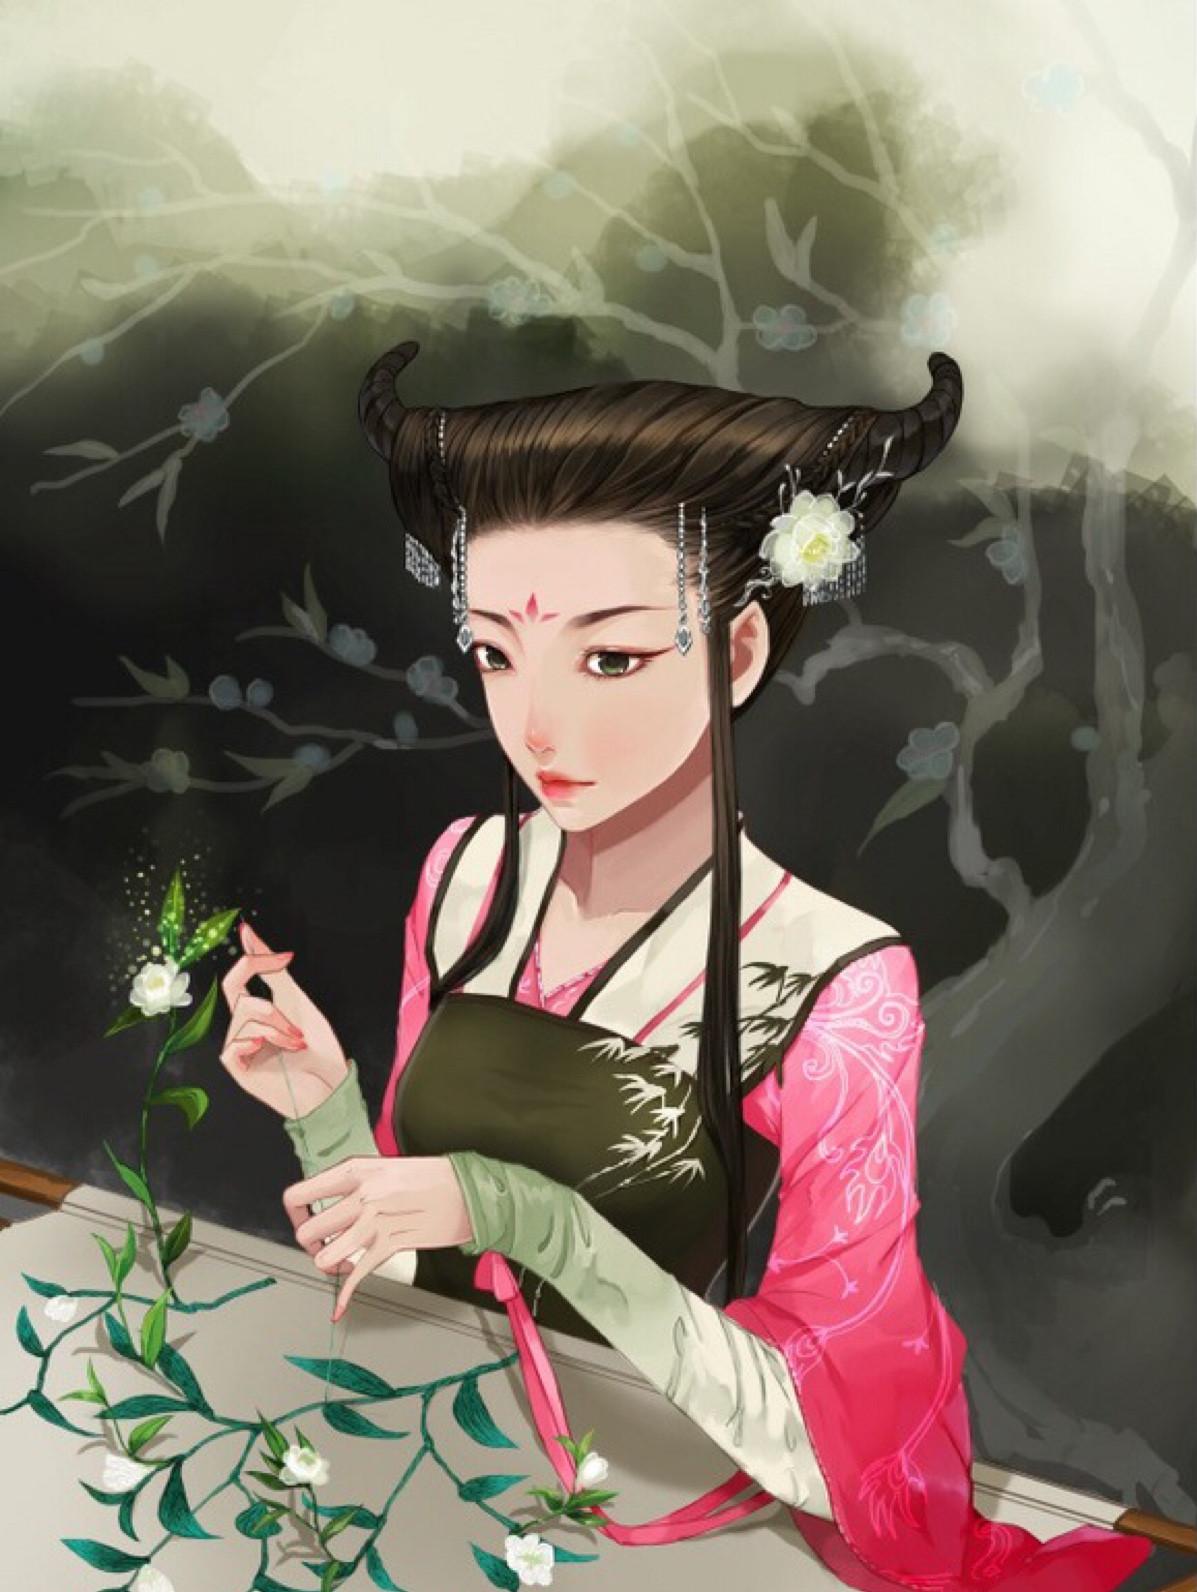 古风手绘插画,花枝招展,美丽动人的古风美人!